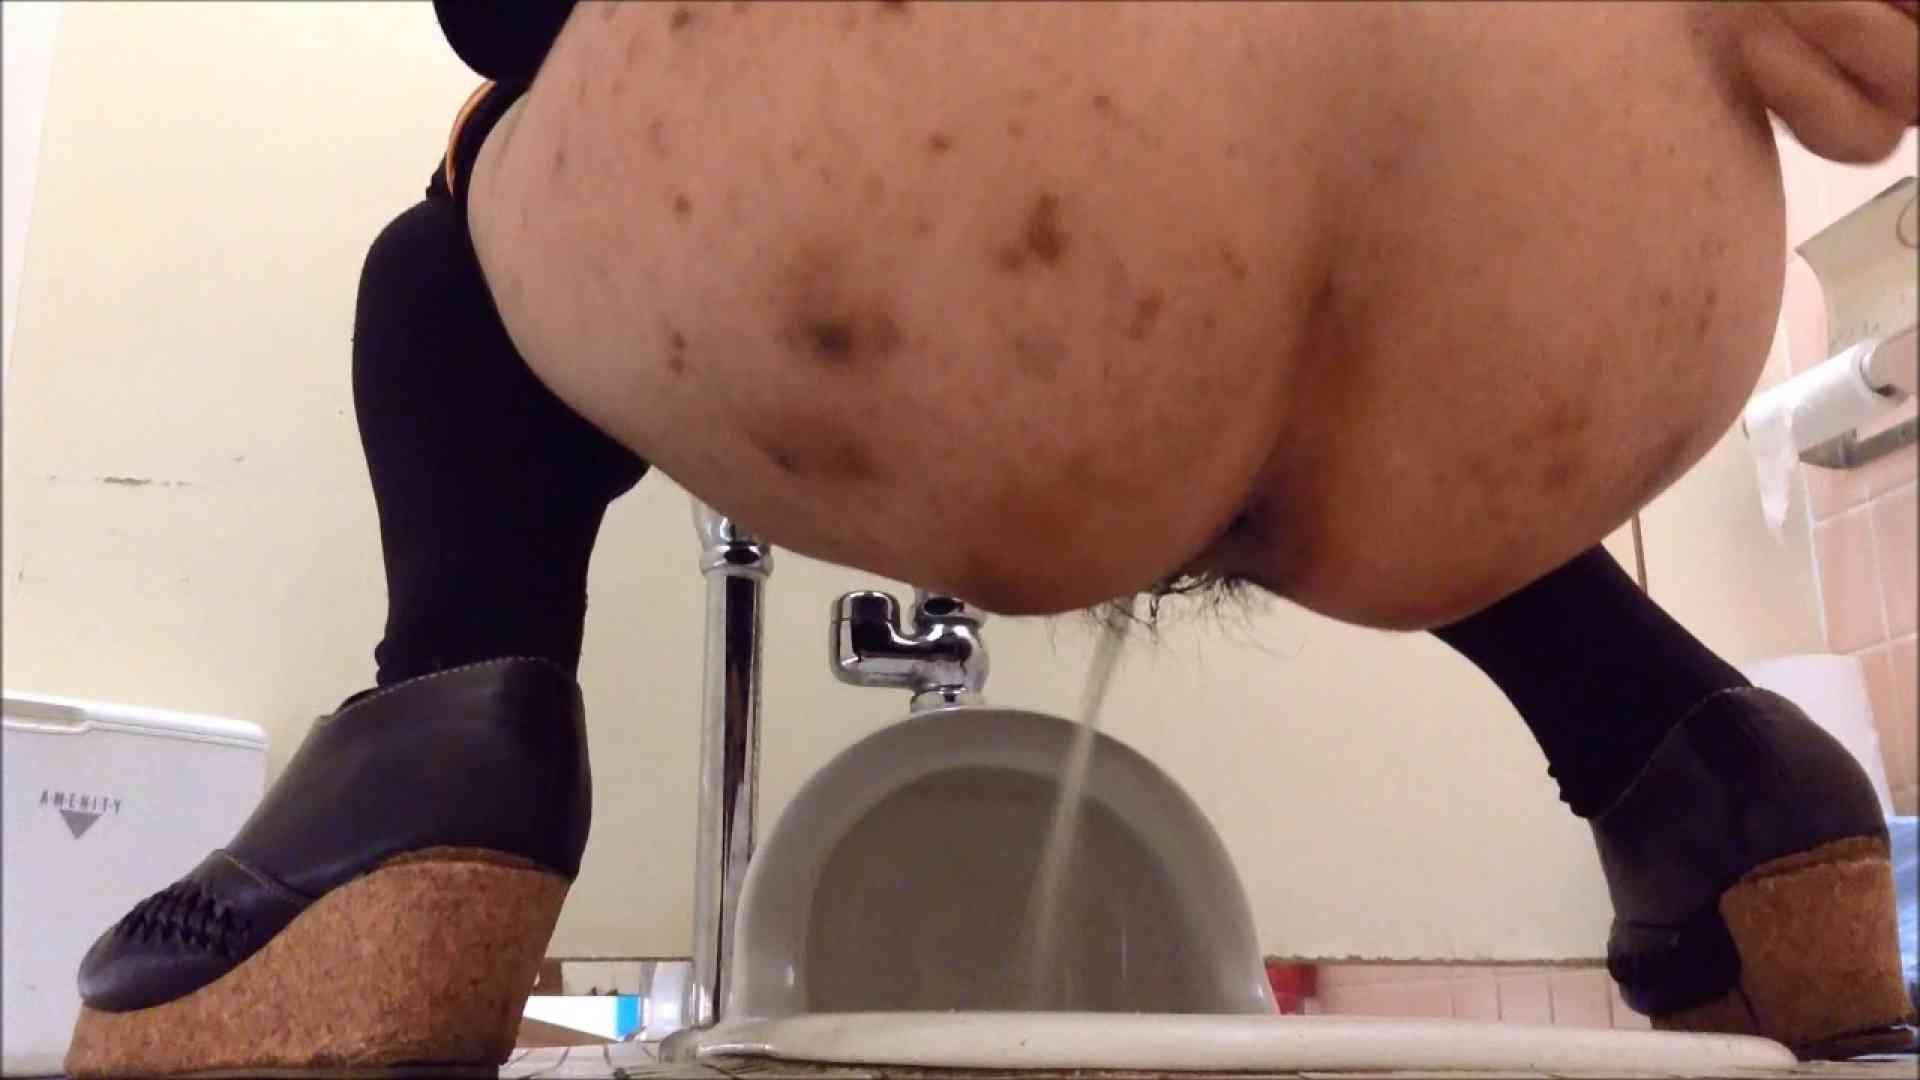 某有名大学女性洗面所 vol.06 排泄  72pic 42